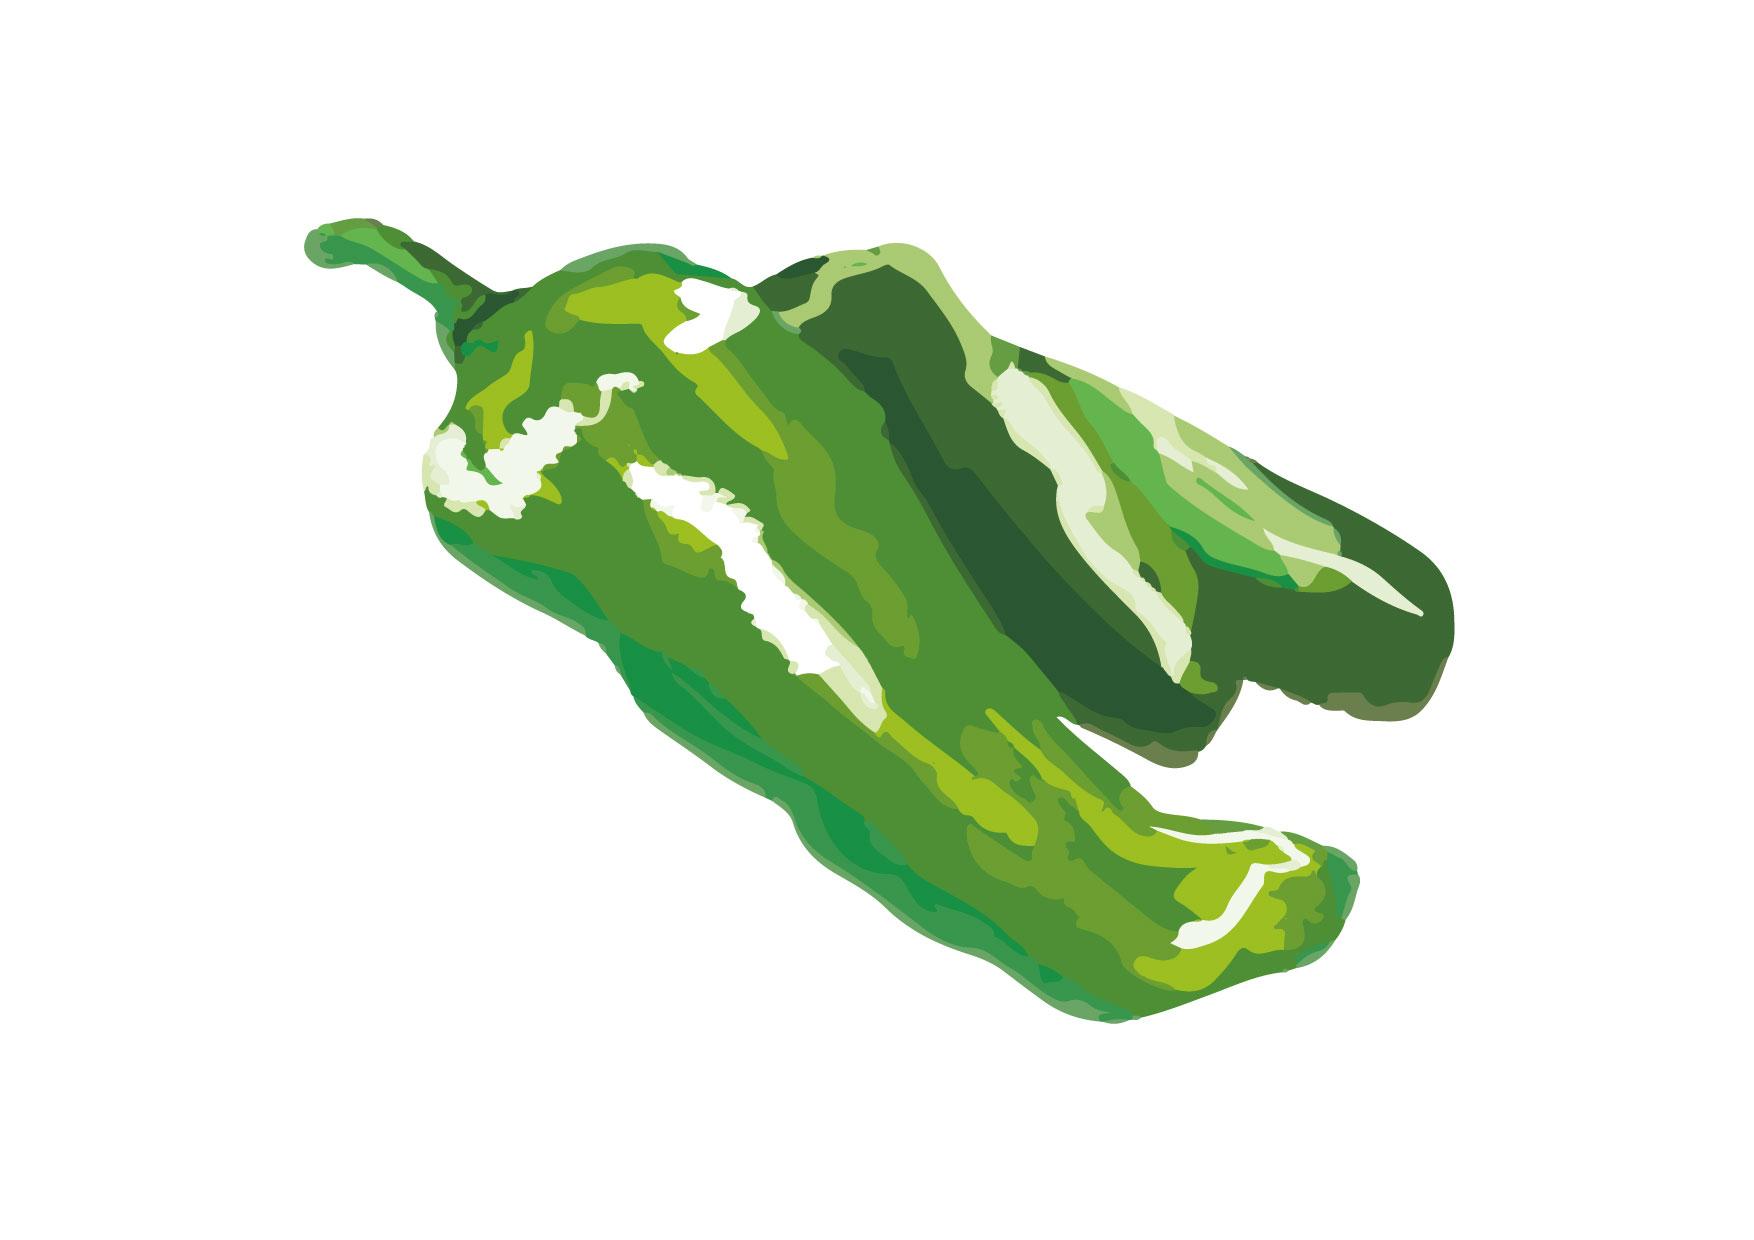 可愛いイラスト無料|ししとう 手書き − free illustration Chili pepper handwriting